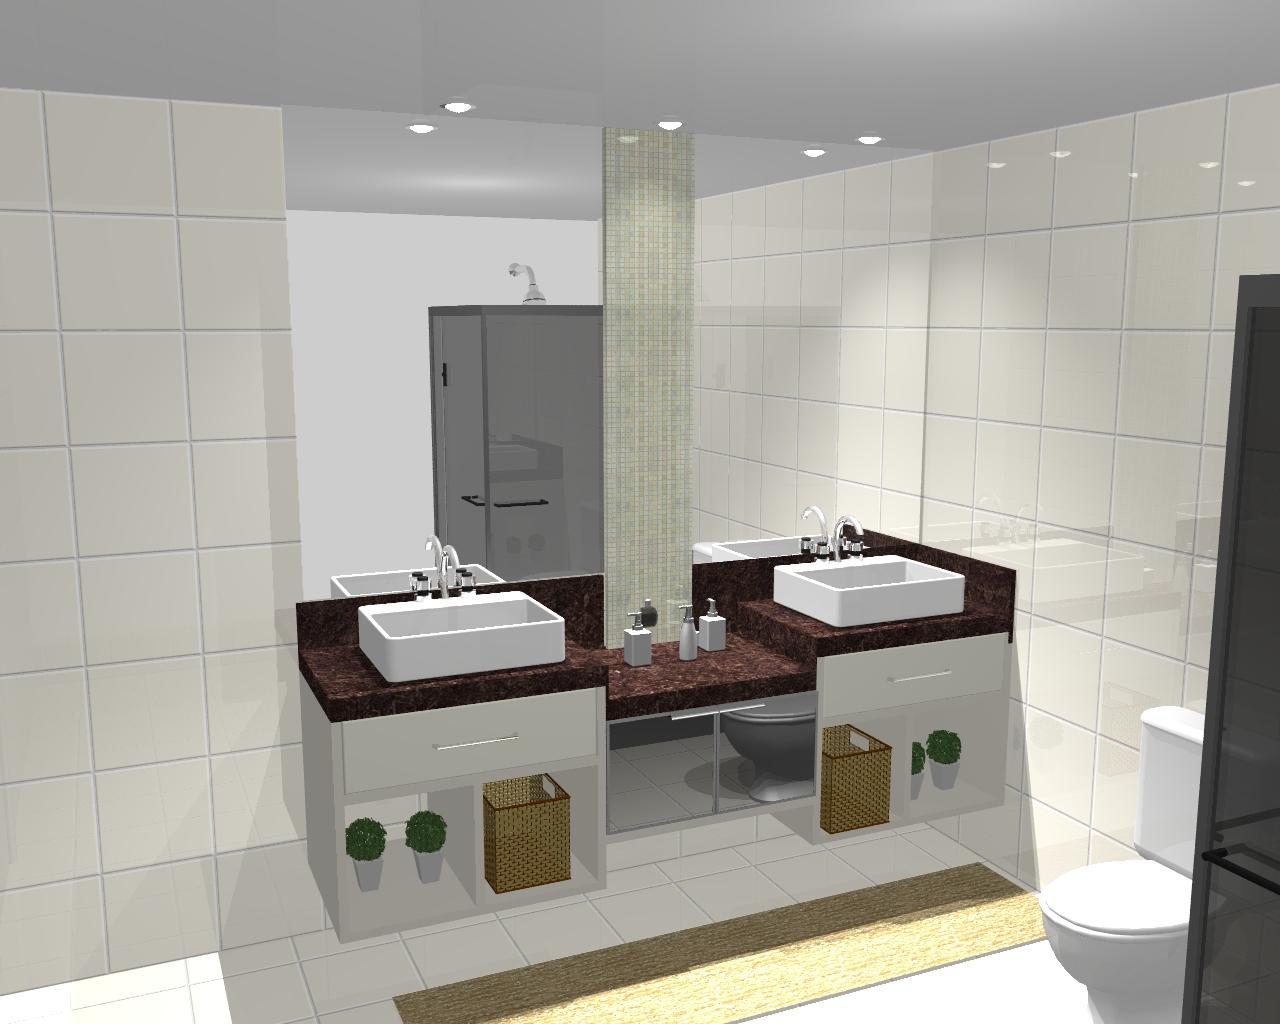 veis planejados para apartamentos pequenos picture Quotes #5E4931 1280x1024 Banheiro Apartamento Planejado